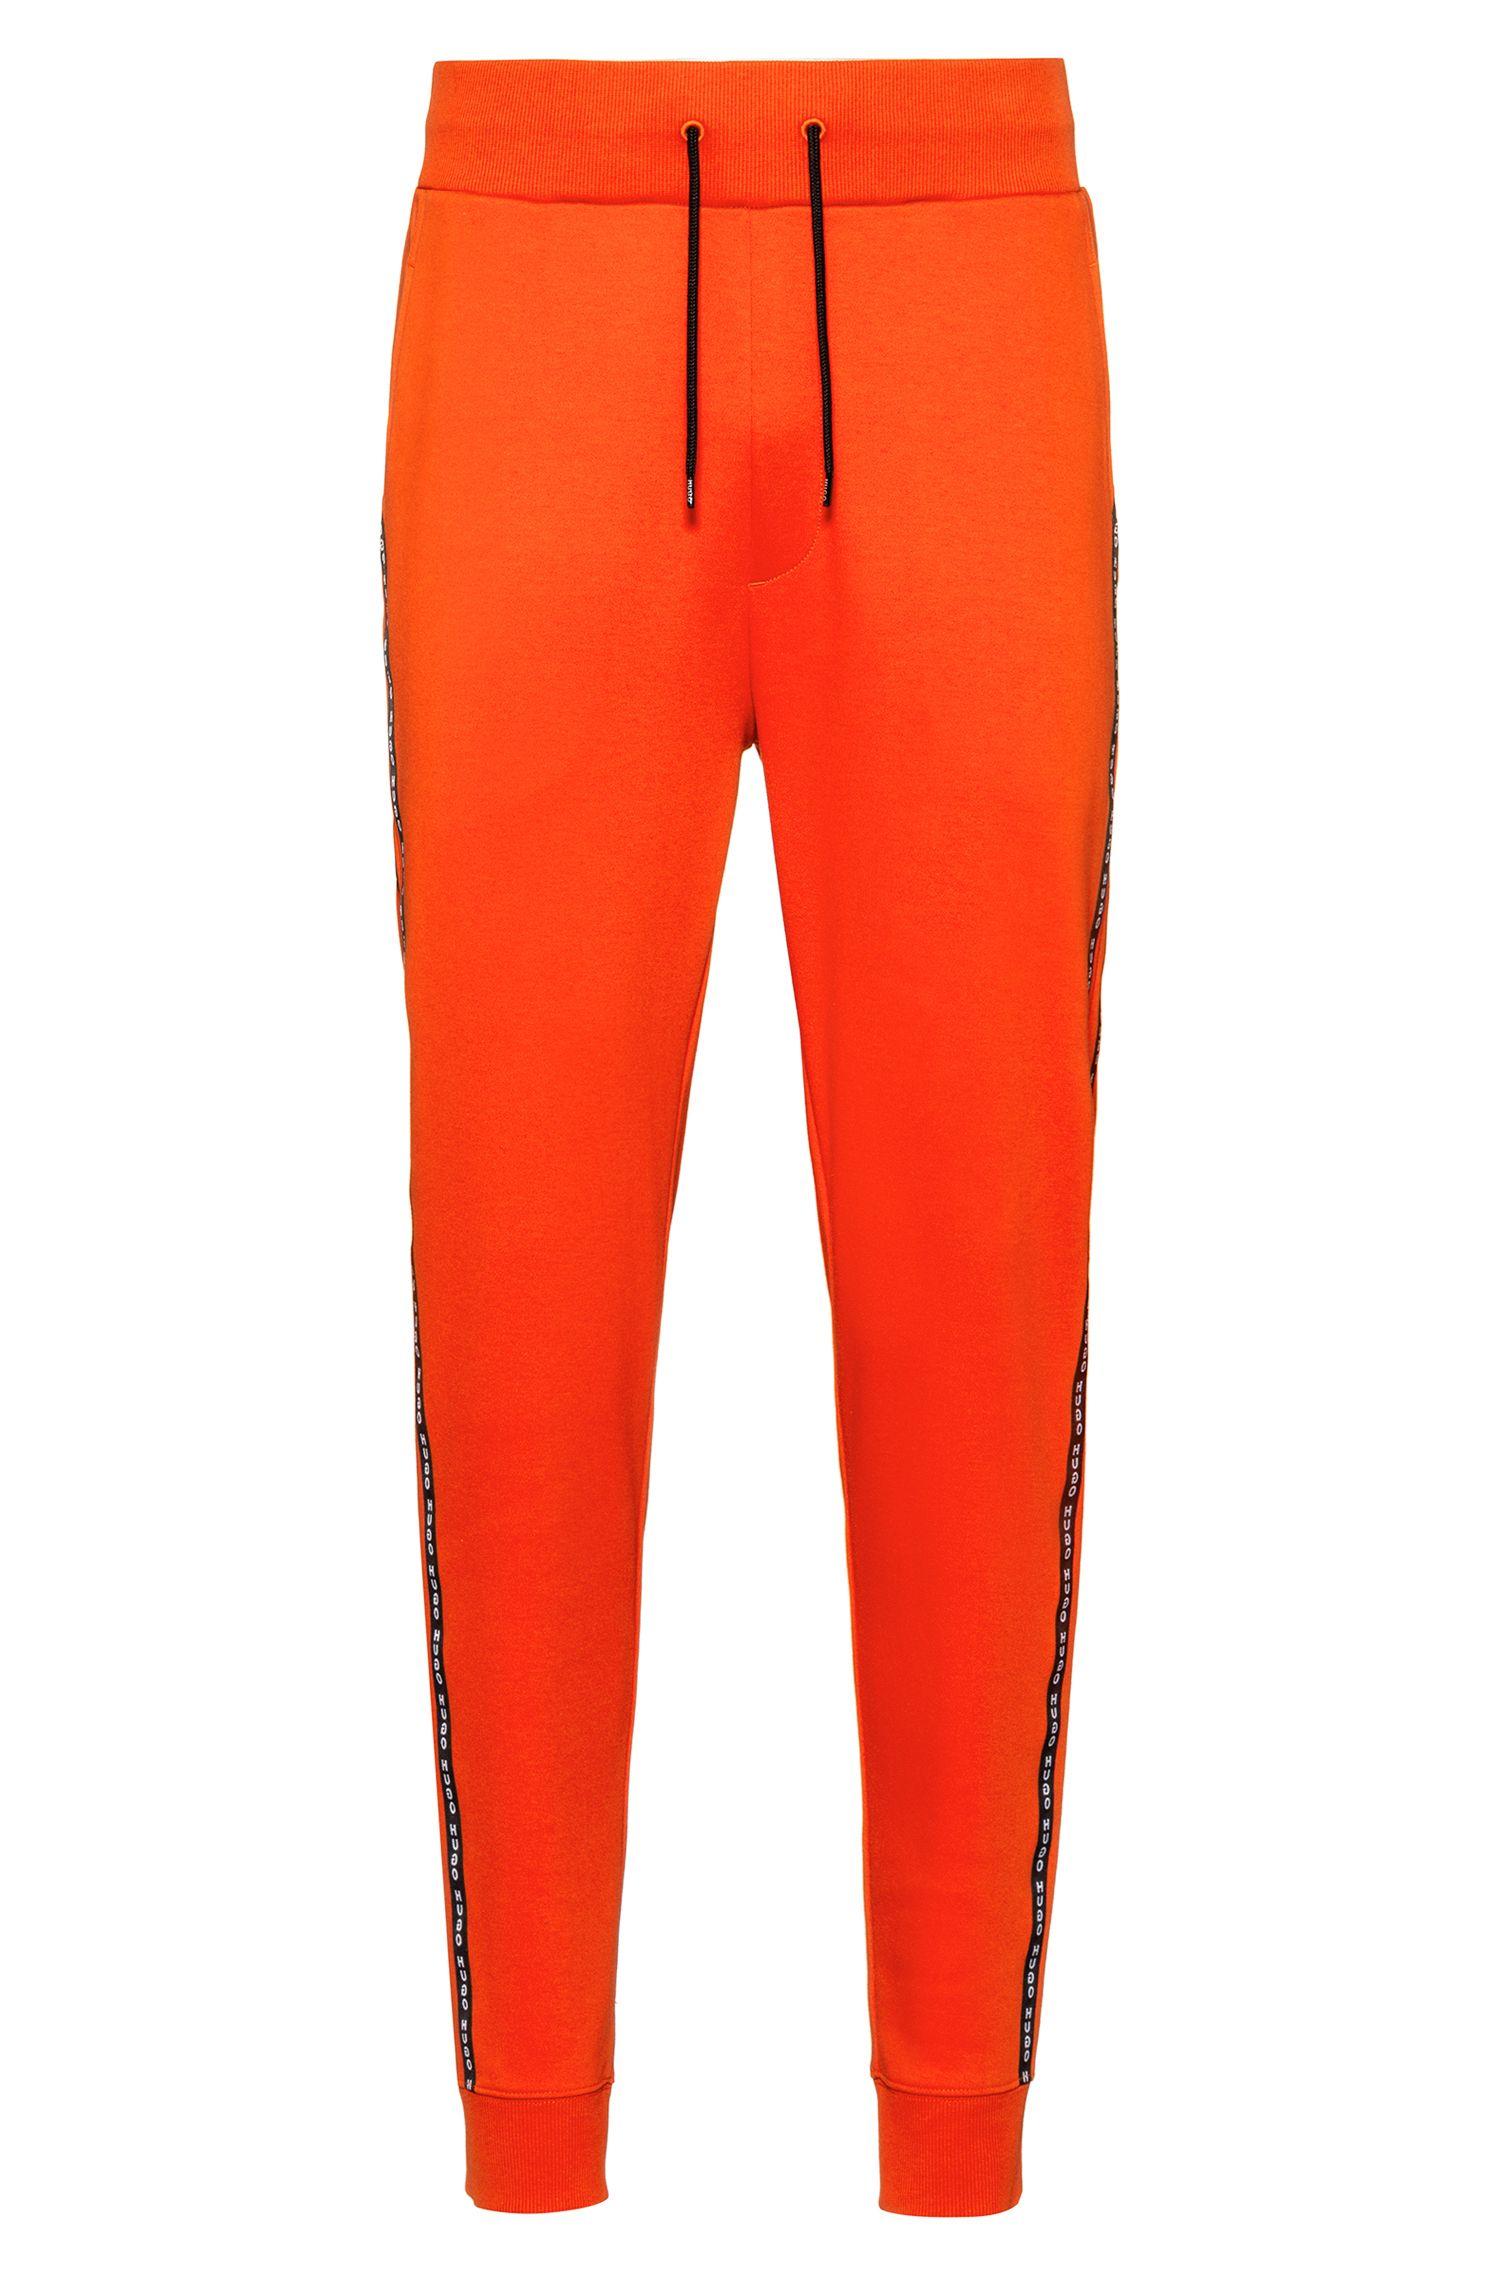 Pantalon en coton interlock resserré au bas des jambes, avec rubans logo sur les coutures latérales, Orange